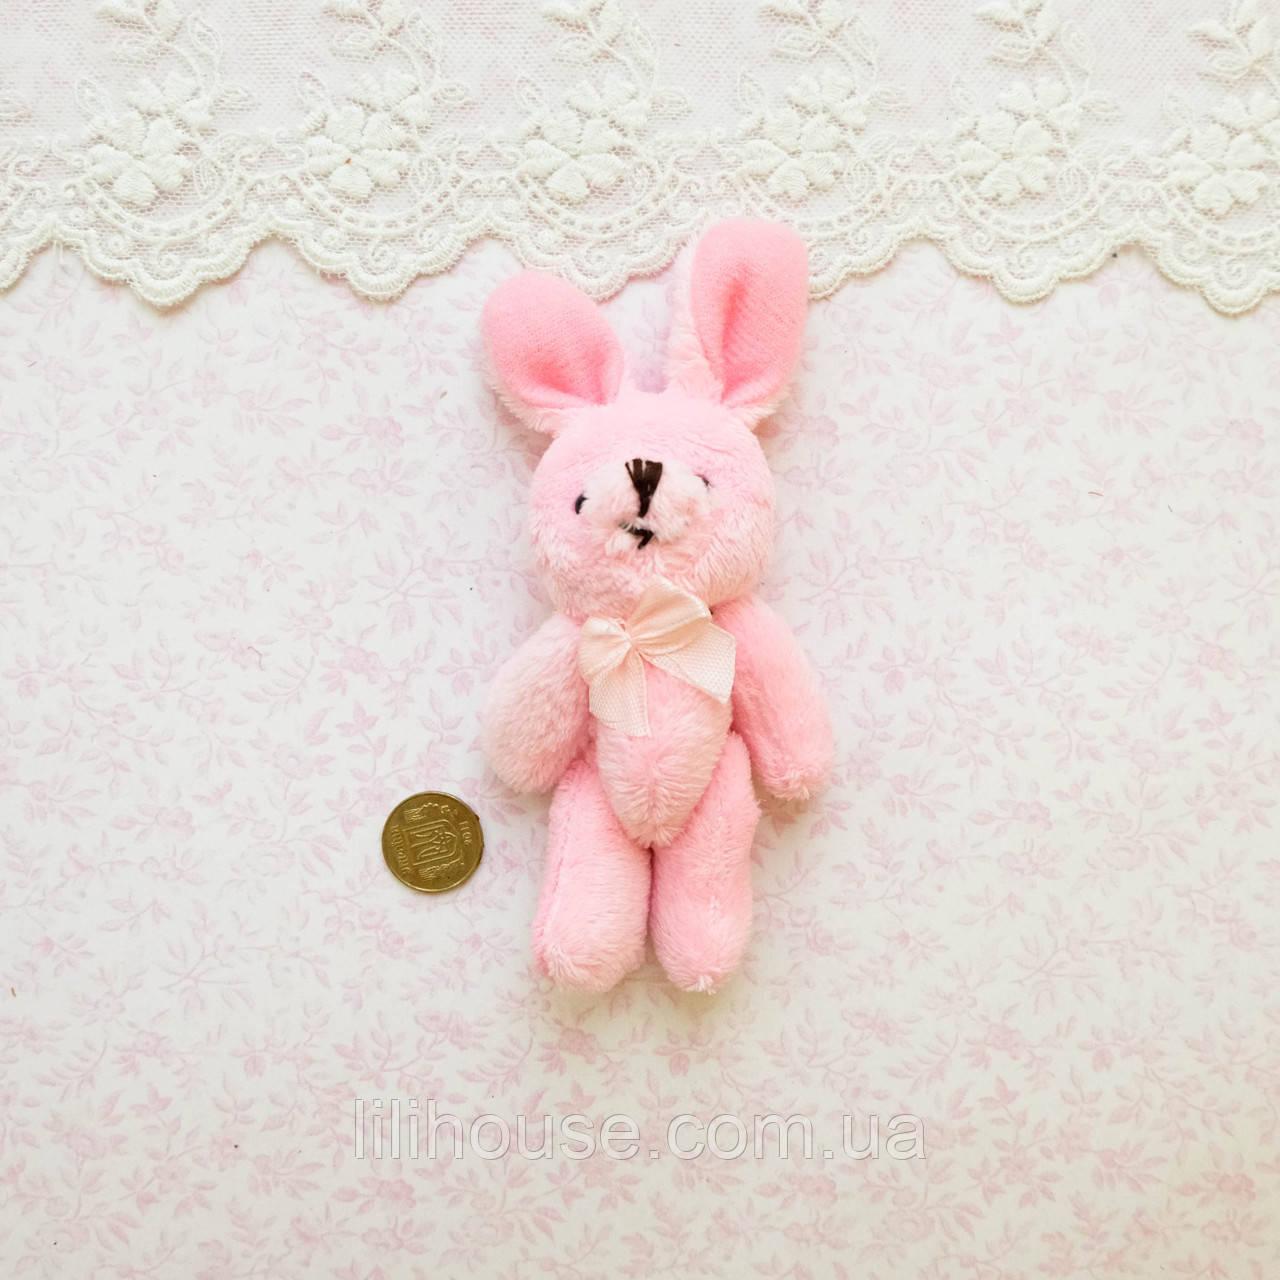 Мягкая Игрушка Кролик 11 см с ушками РОЗОВЫЙ